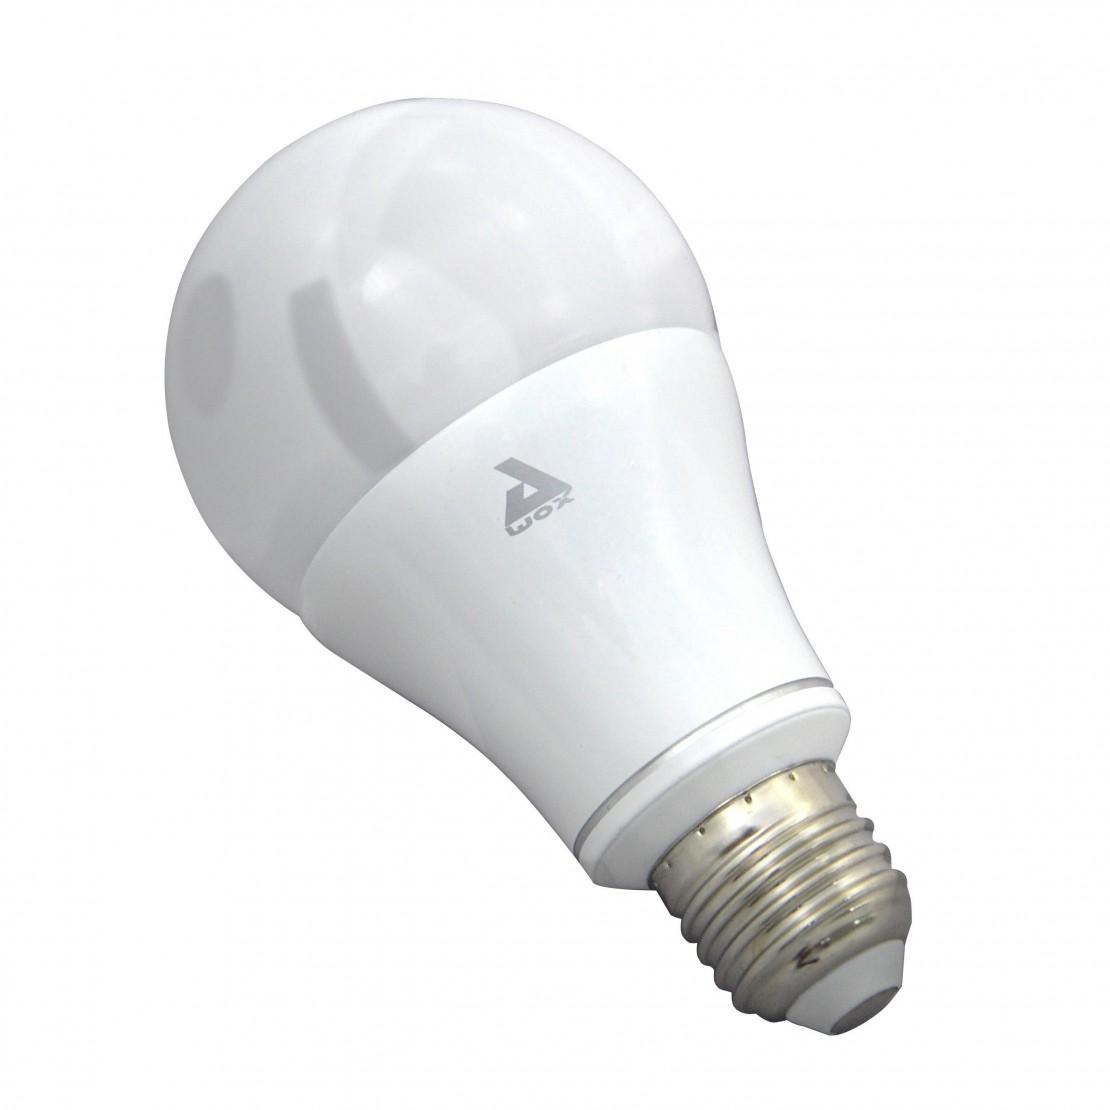 SmartLED - lâmpada E27 branca, ligação à internet por Buetooth